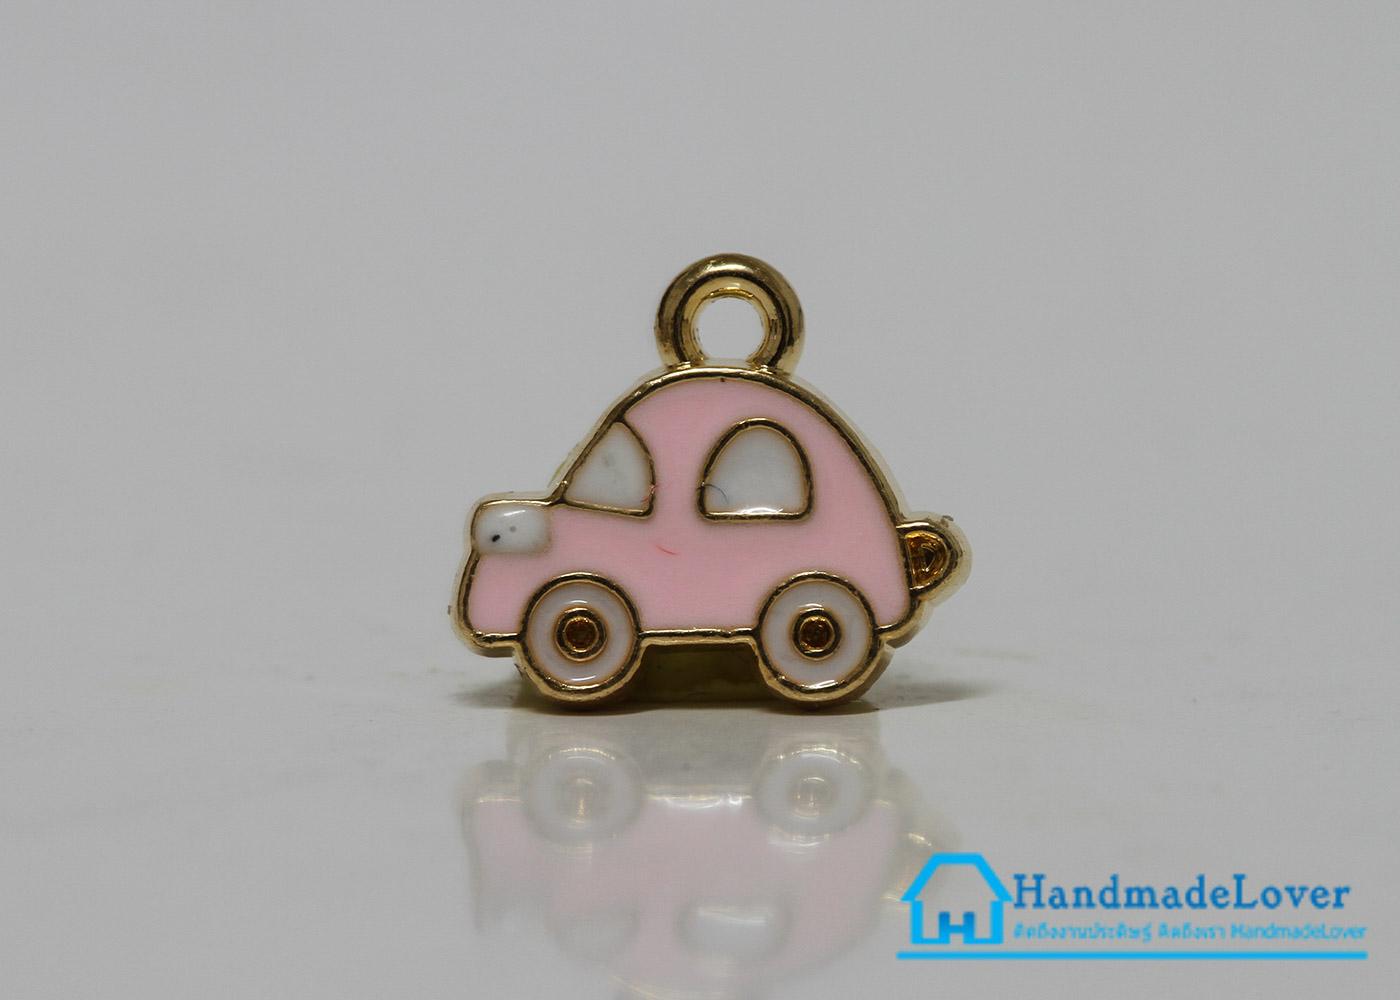 จี้อัลลอยด์ เคลือบสี รูปรถยนต์ สีชมพู